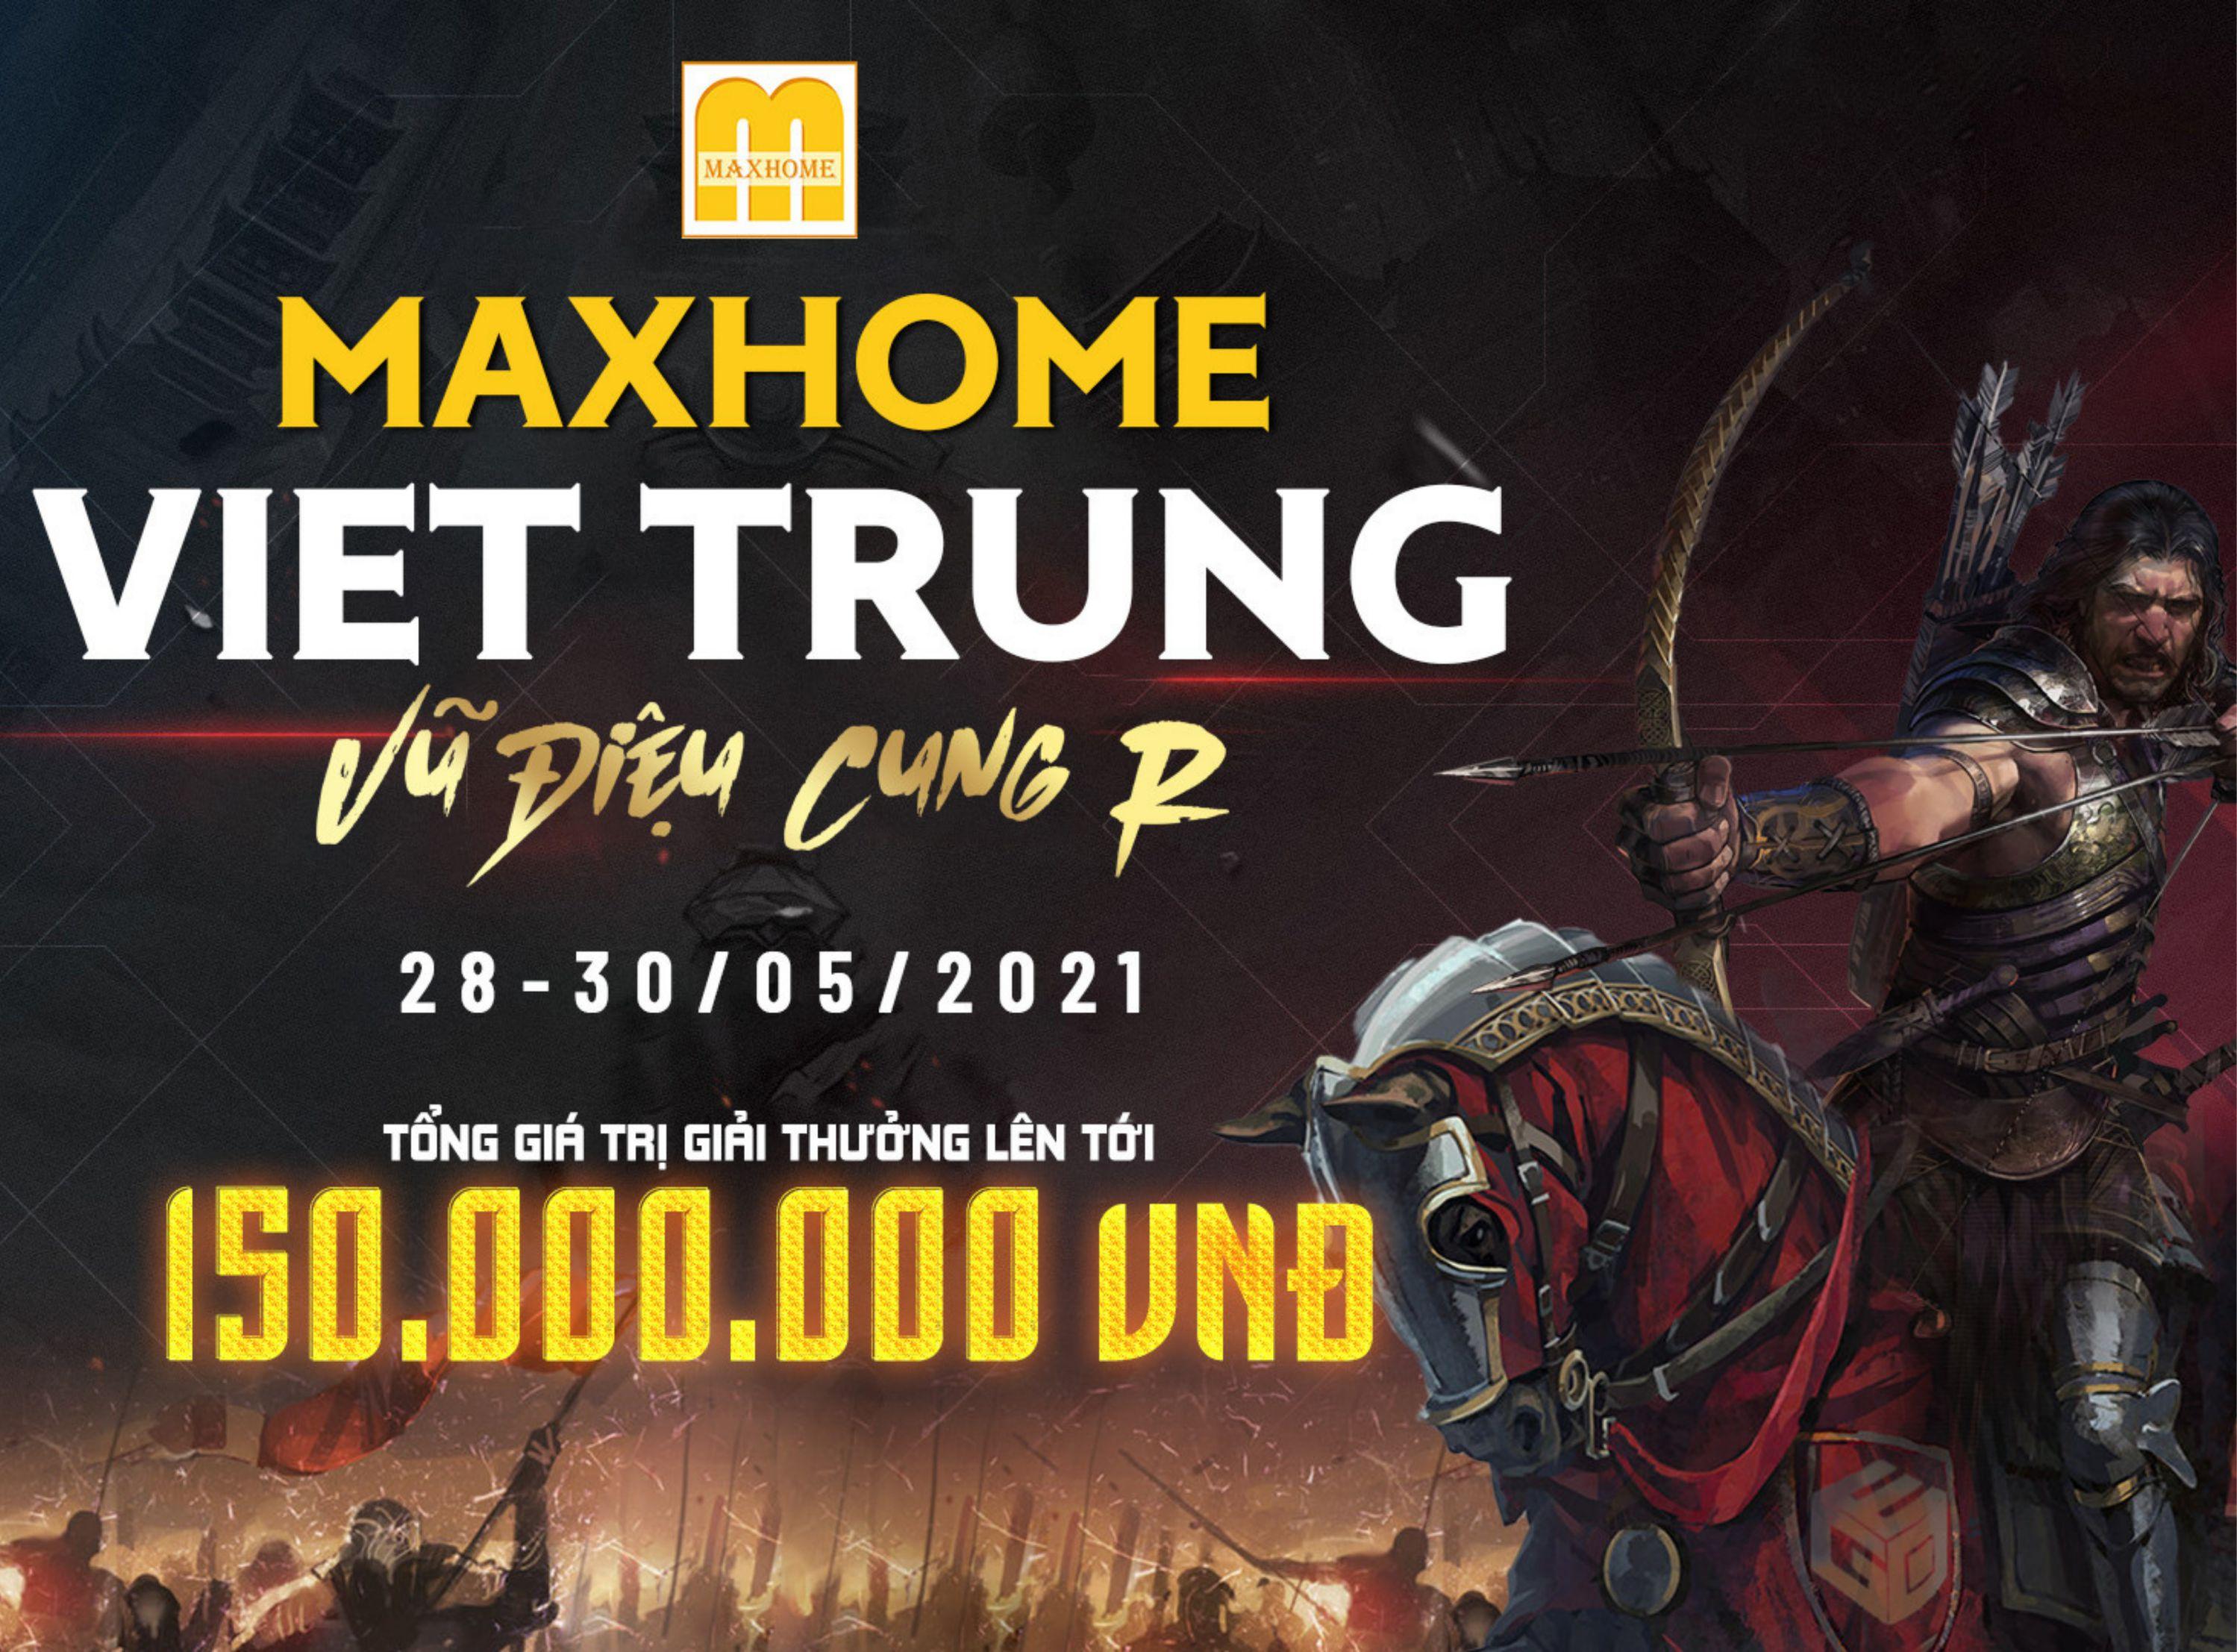 AoE MaxHome Đại chiến cơ hội nào cho người Trung?